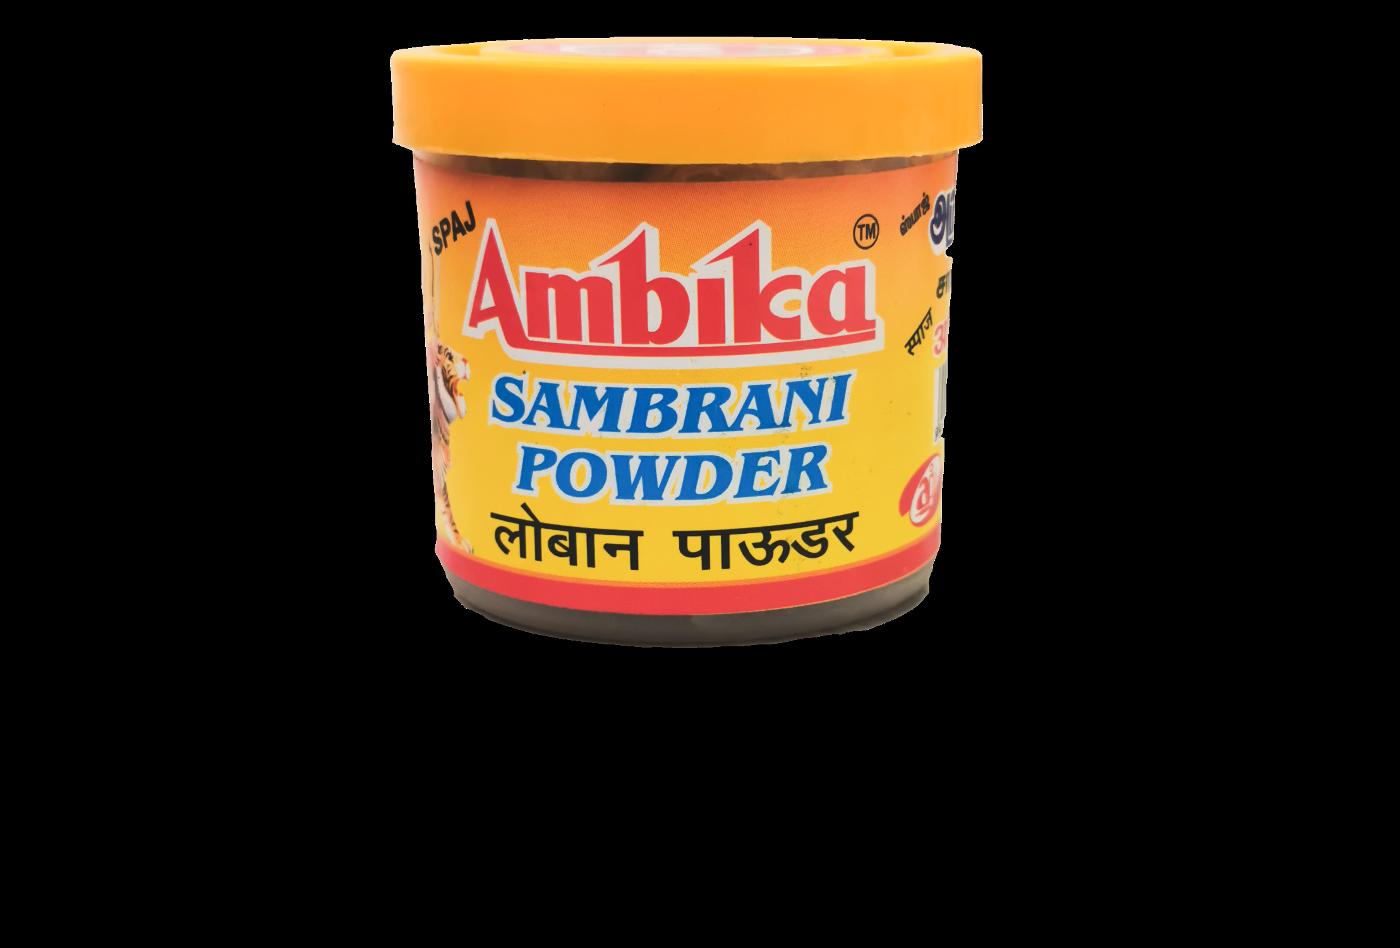 Ambika Sambrani Powder